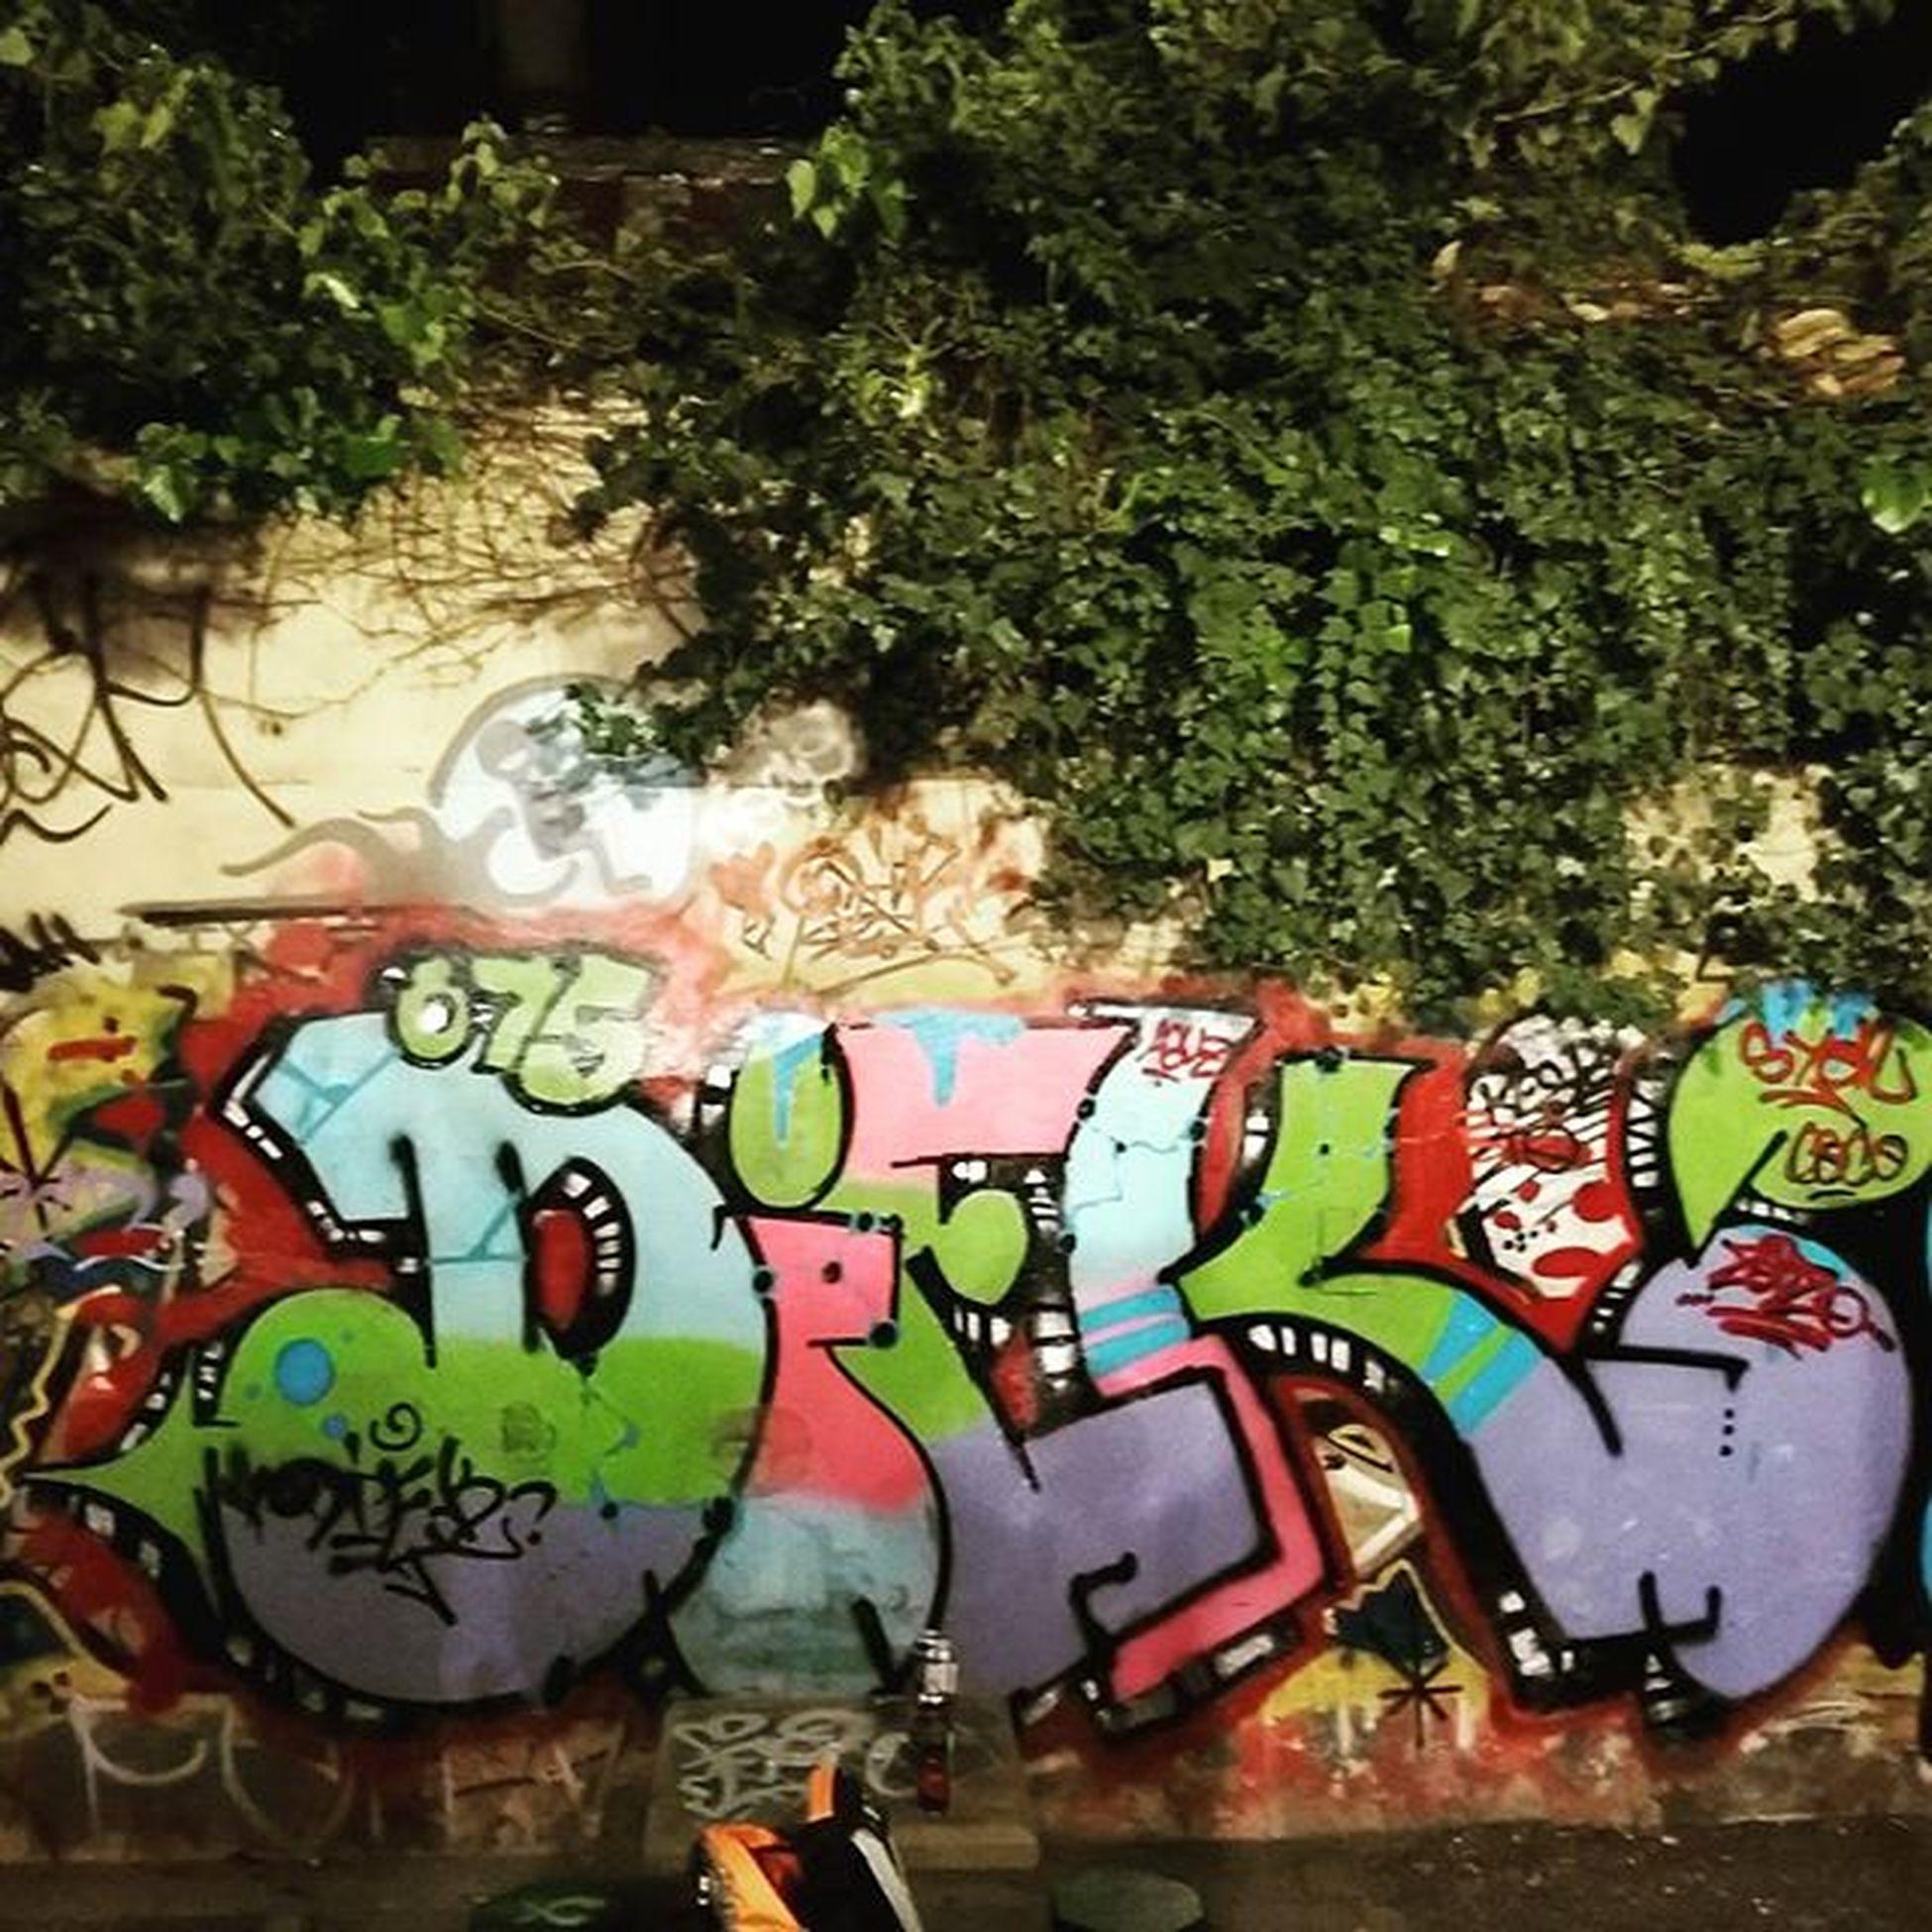 Diek2 Graffiti LaGurru Syon Partner Friend Floridico Buena forma de termina el finde con los pibes